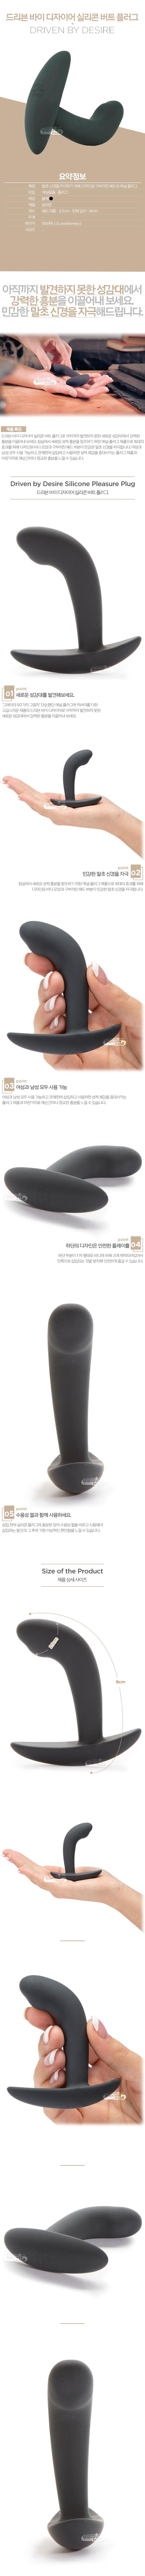 [영국 직수입] 드리븐 바이 디자이어 실리콘 버트 플러그(Driven by Desire Silicone Pleasure Plug) - 그레이의 50가지 그림자/러브허니(FS-59961) (LVH)